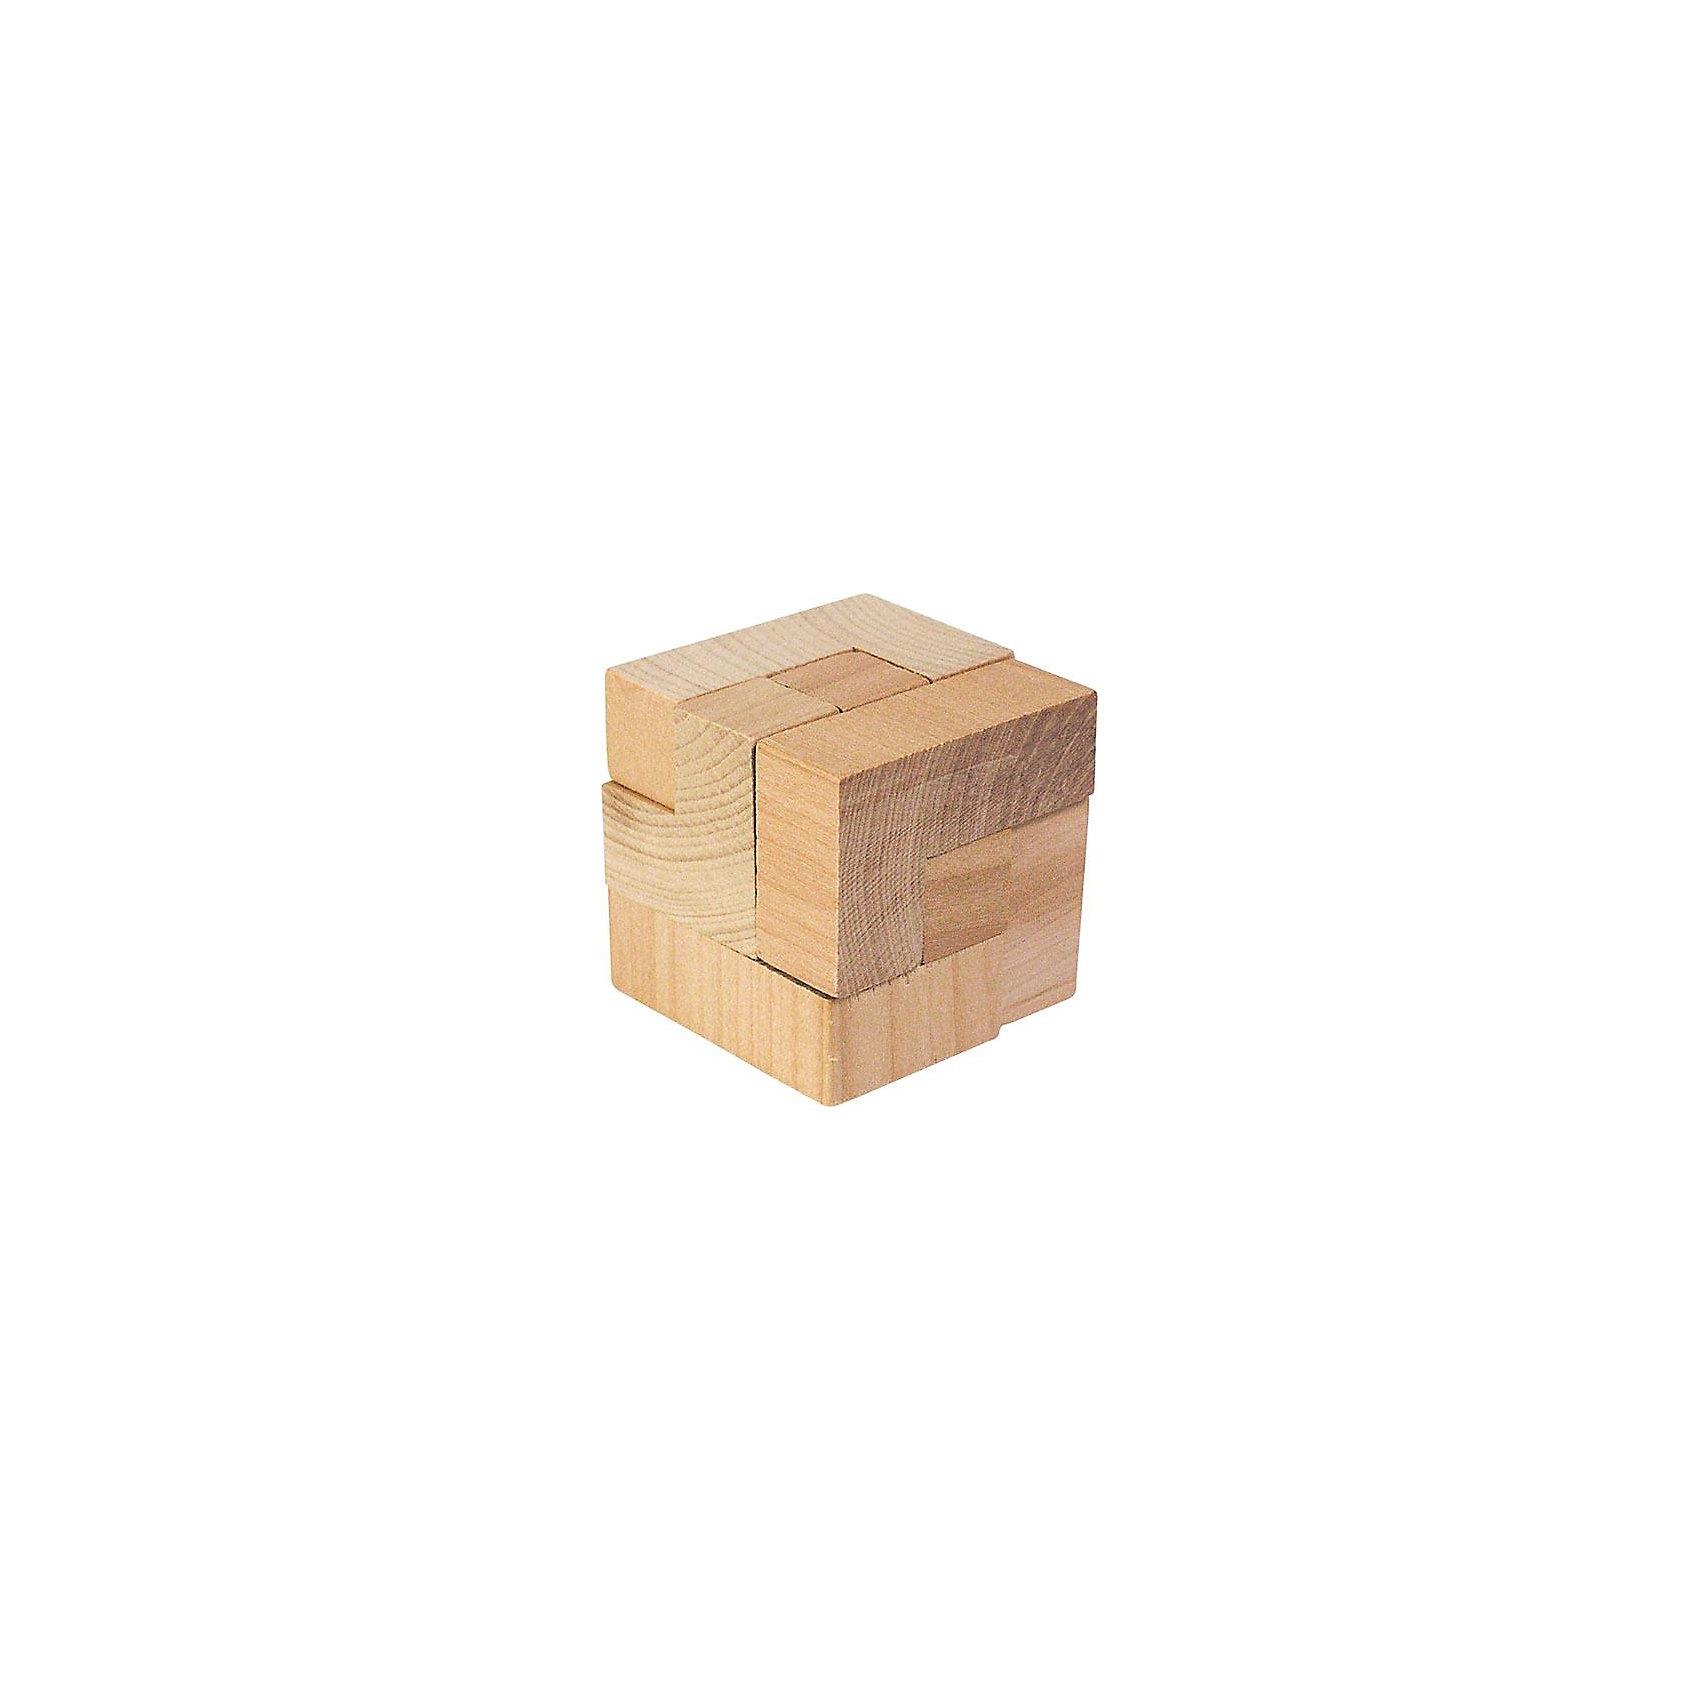 Головоломка Магический куб, gokiХарактеристики товара:<br><br>- цвет: дерево;<br>- материал: дерево;<br>- высокое качество обработки элементов;<br>- размер: 10 х 12 см;<br>- упаковка: текстильный мешочек.<br><br>Собирать головоломки любят и дети, и взрослые! Это занятие может не только позволять весело проводить время, но и помогать всестороннему развитию ребенка. Изделие представляет собой детали, из которых нужно собрать фигуру в виде кубика. Все детали отлично проработаны, сделаны из натурального дерева!<br>Собирание головоломок поможет формированию разных навыков, оно помогает развить тактильное восприятие, мелкую моторику, воображение, внимание и логику. Изделие произведено из качественных материалов, безопасных для ребенка. Набор станет отличным подарком детям!<br><br>Головоломку Магический куб от бренда GOKI можно купить в нашем интернет-магазине.<br><br>Ширина мм: 42<br>Глубина мм: 42<br>Высота мм: 42<br>Вес г: 56<br>Возраст от месяцев: 72<br>Возраст до месяцев: 168<br>Пол: Унисекс<br>Возраст: Детский<br>SKU: 5155291